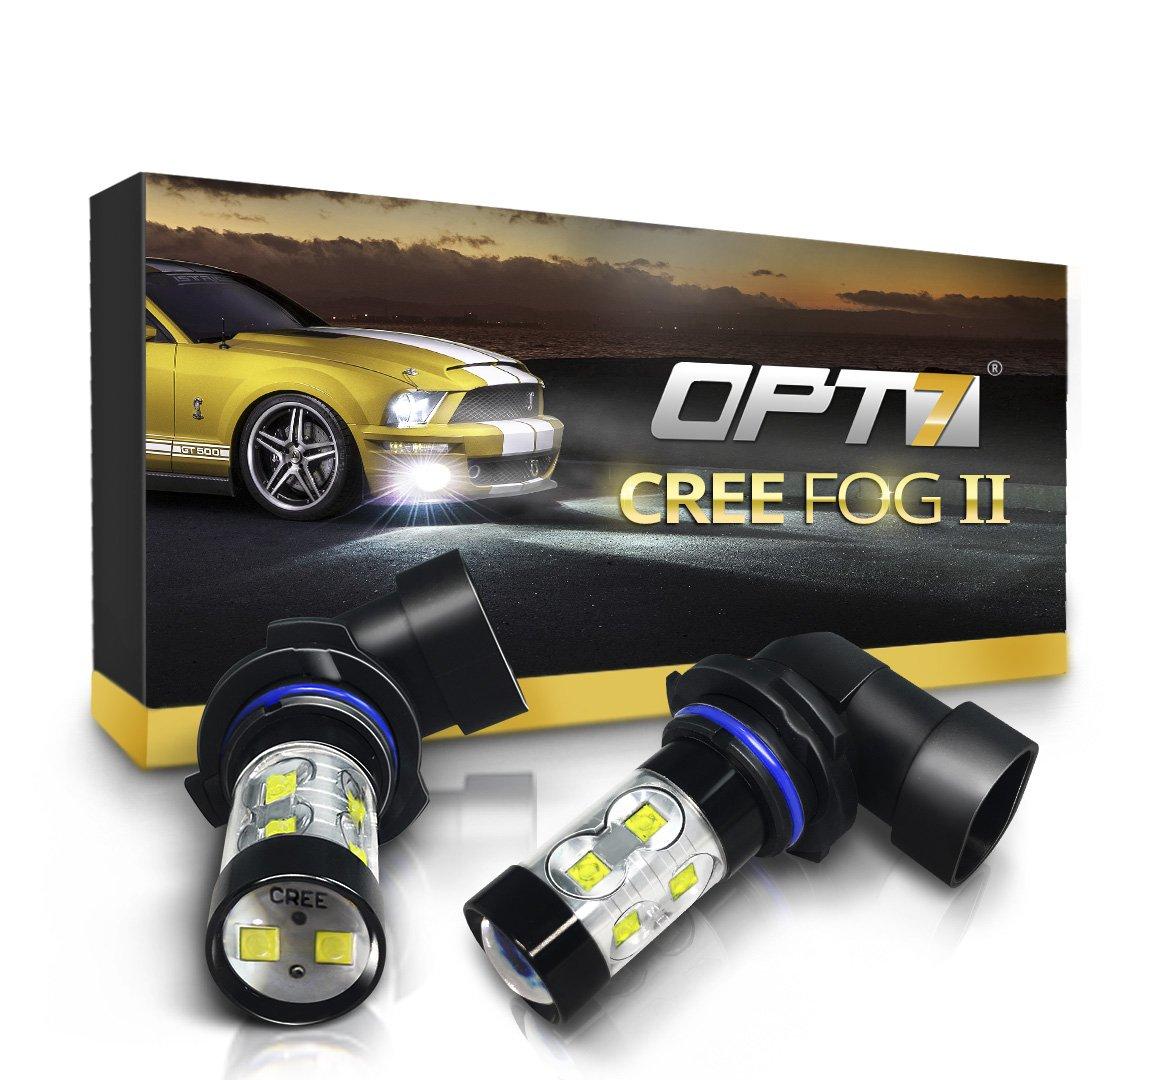 OPT7 H10 (9145 9140 9040) CREE XLamp